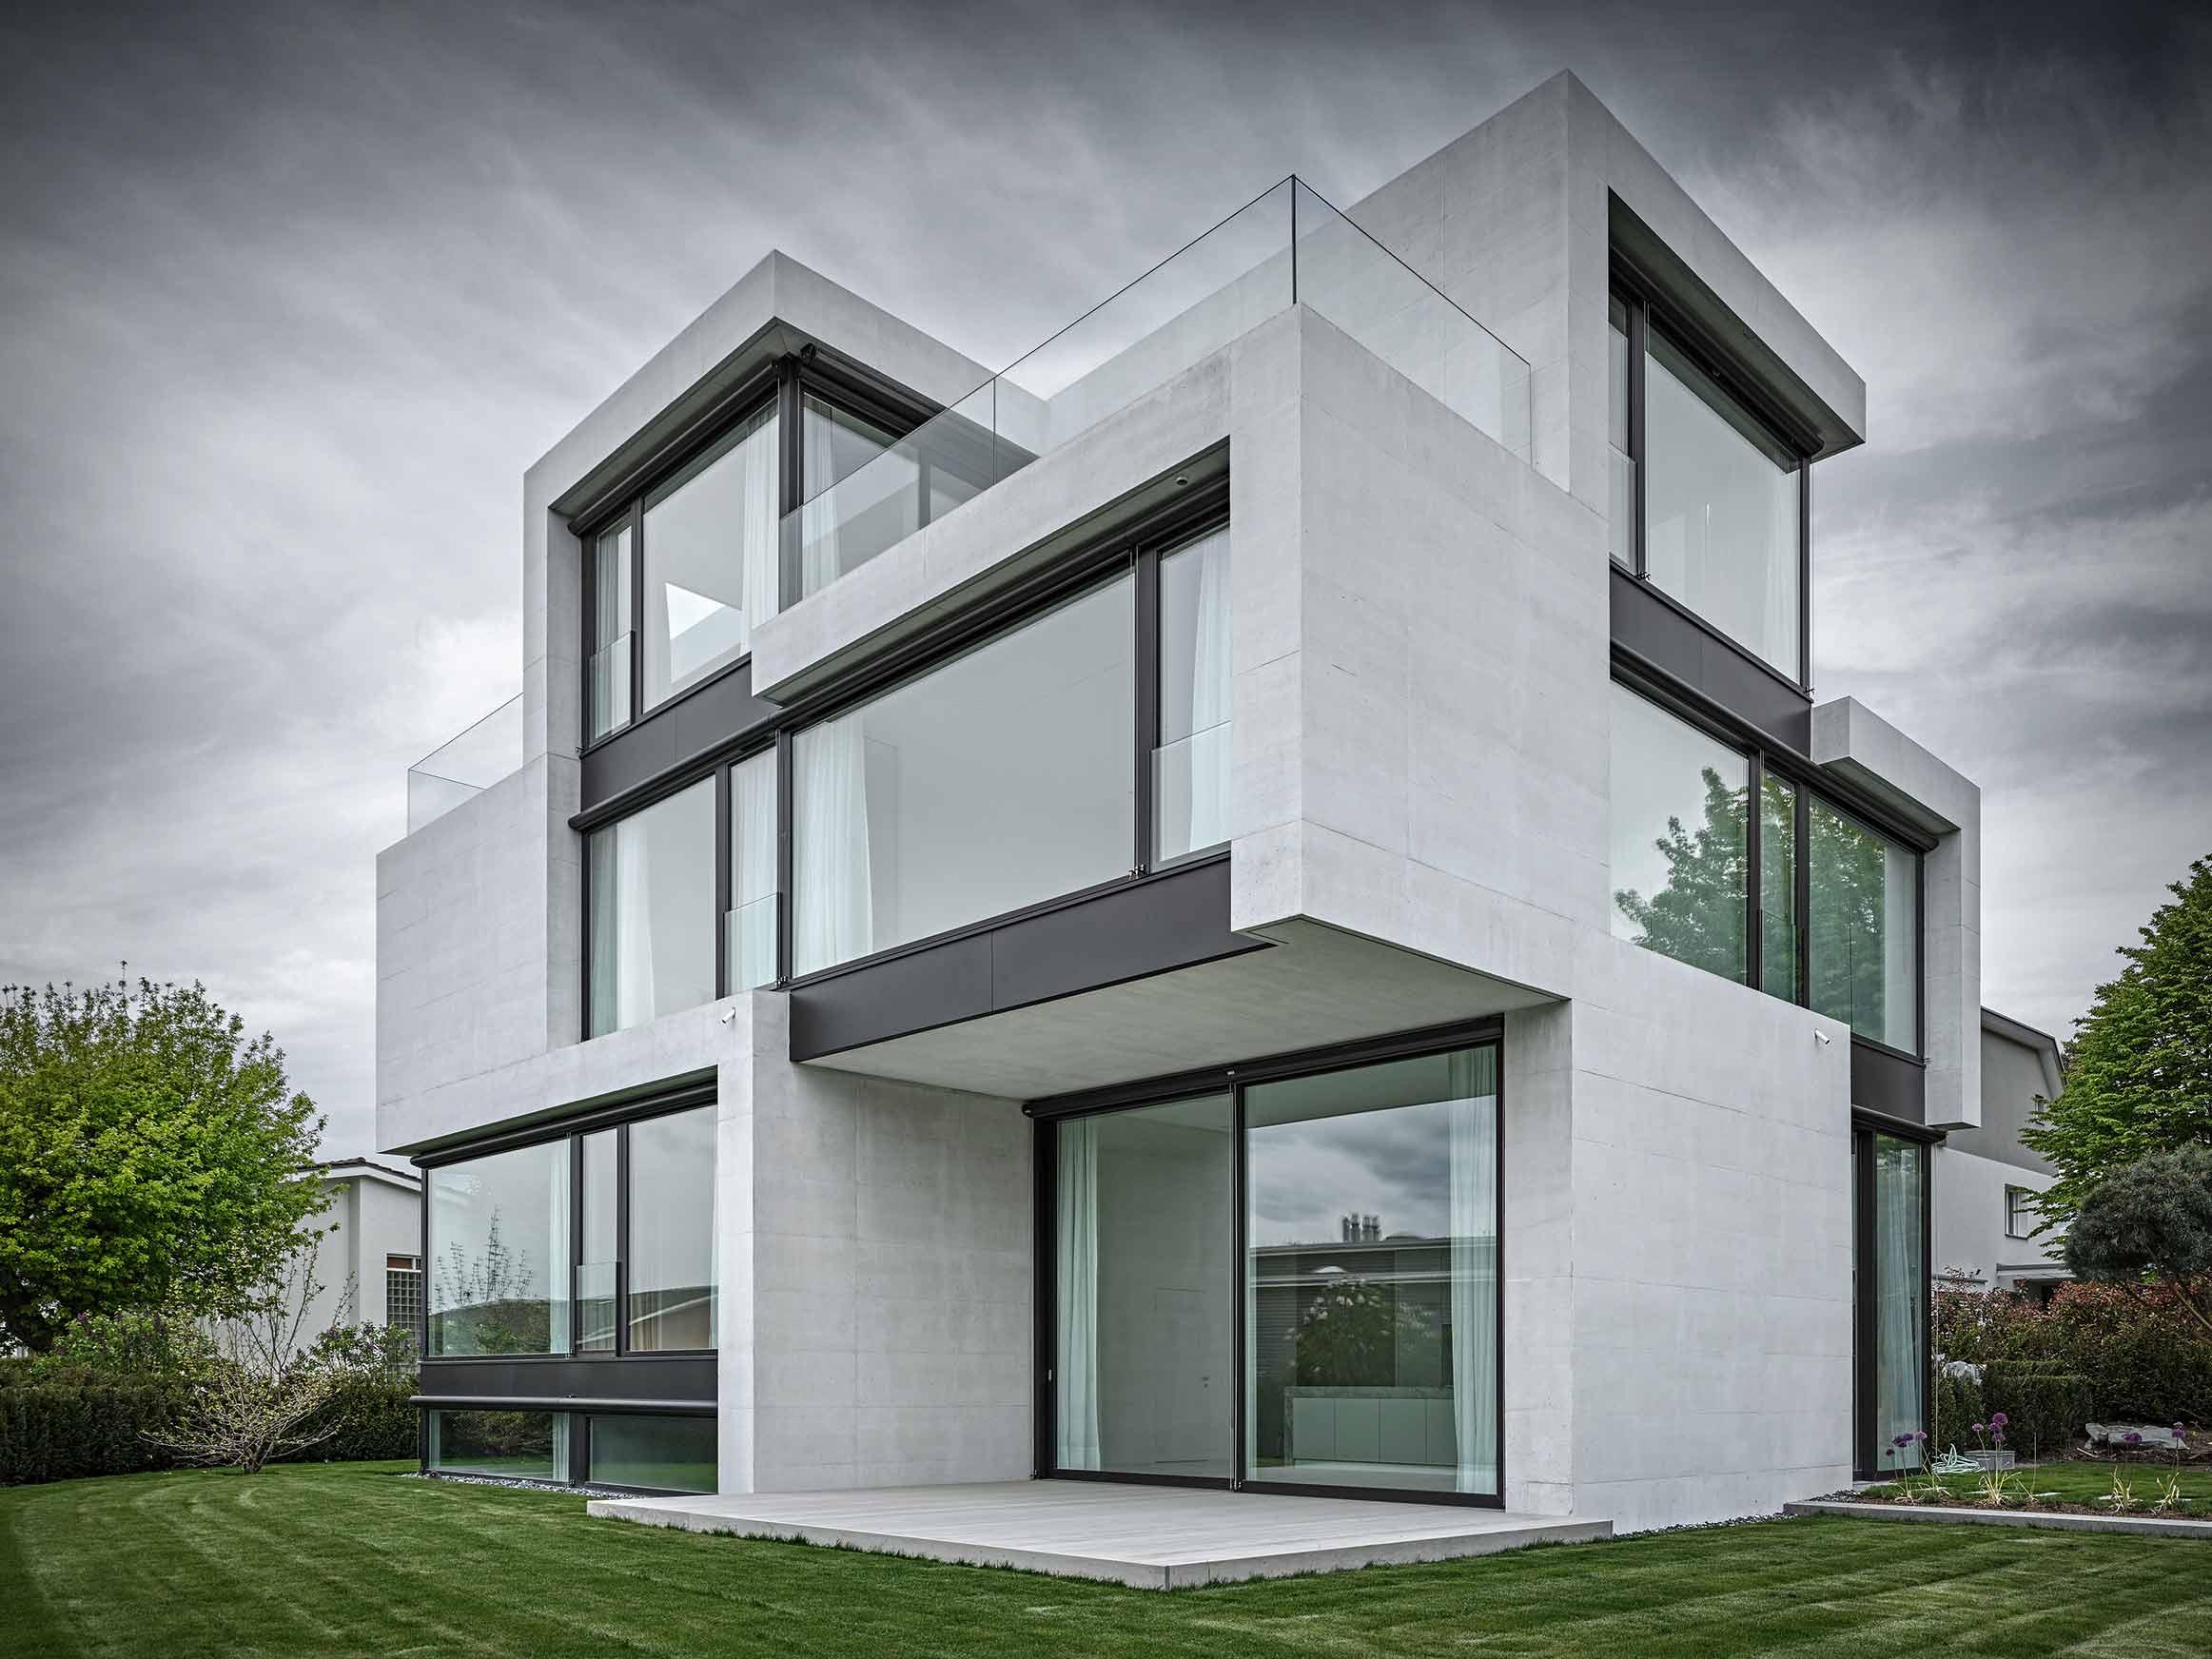 Baumanagement-fuer-Wild-Baer-Heule-Architekten-Fassade